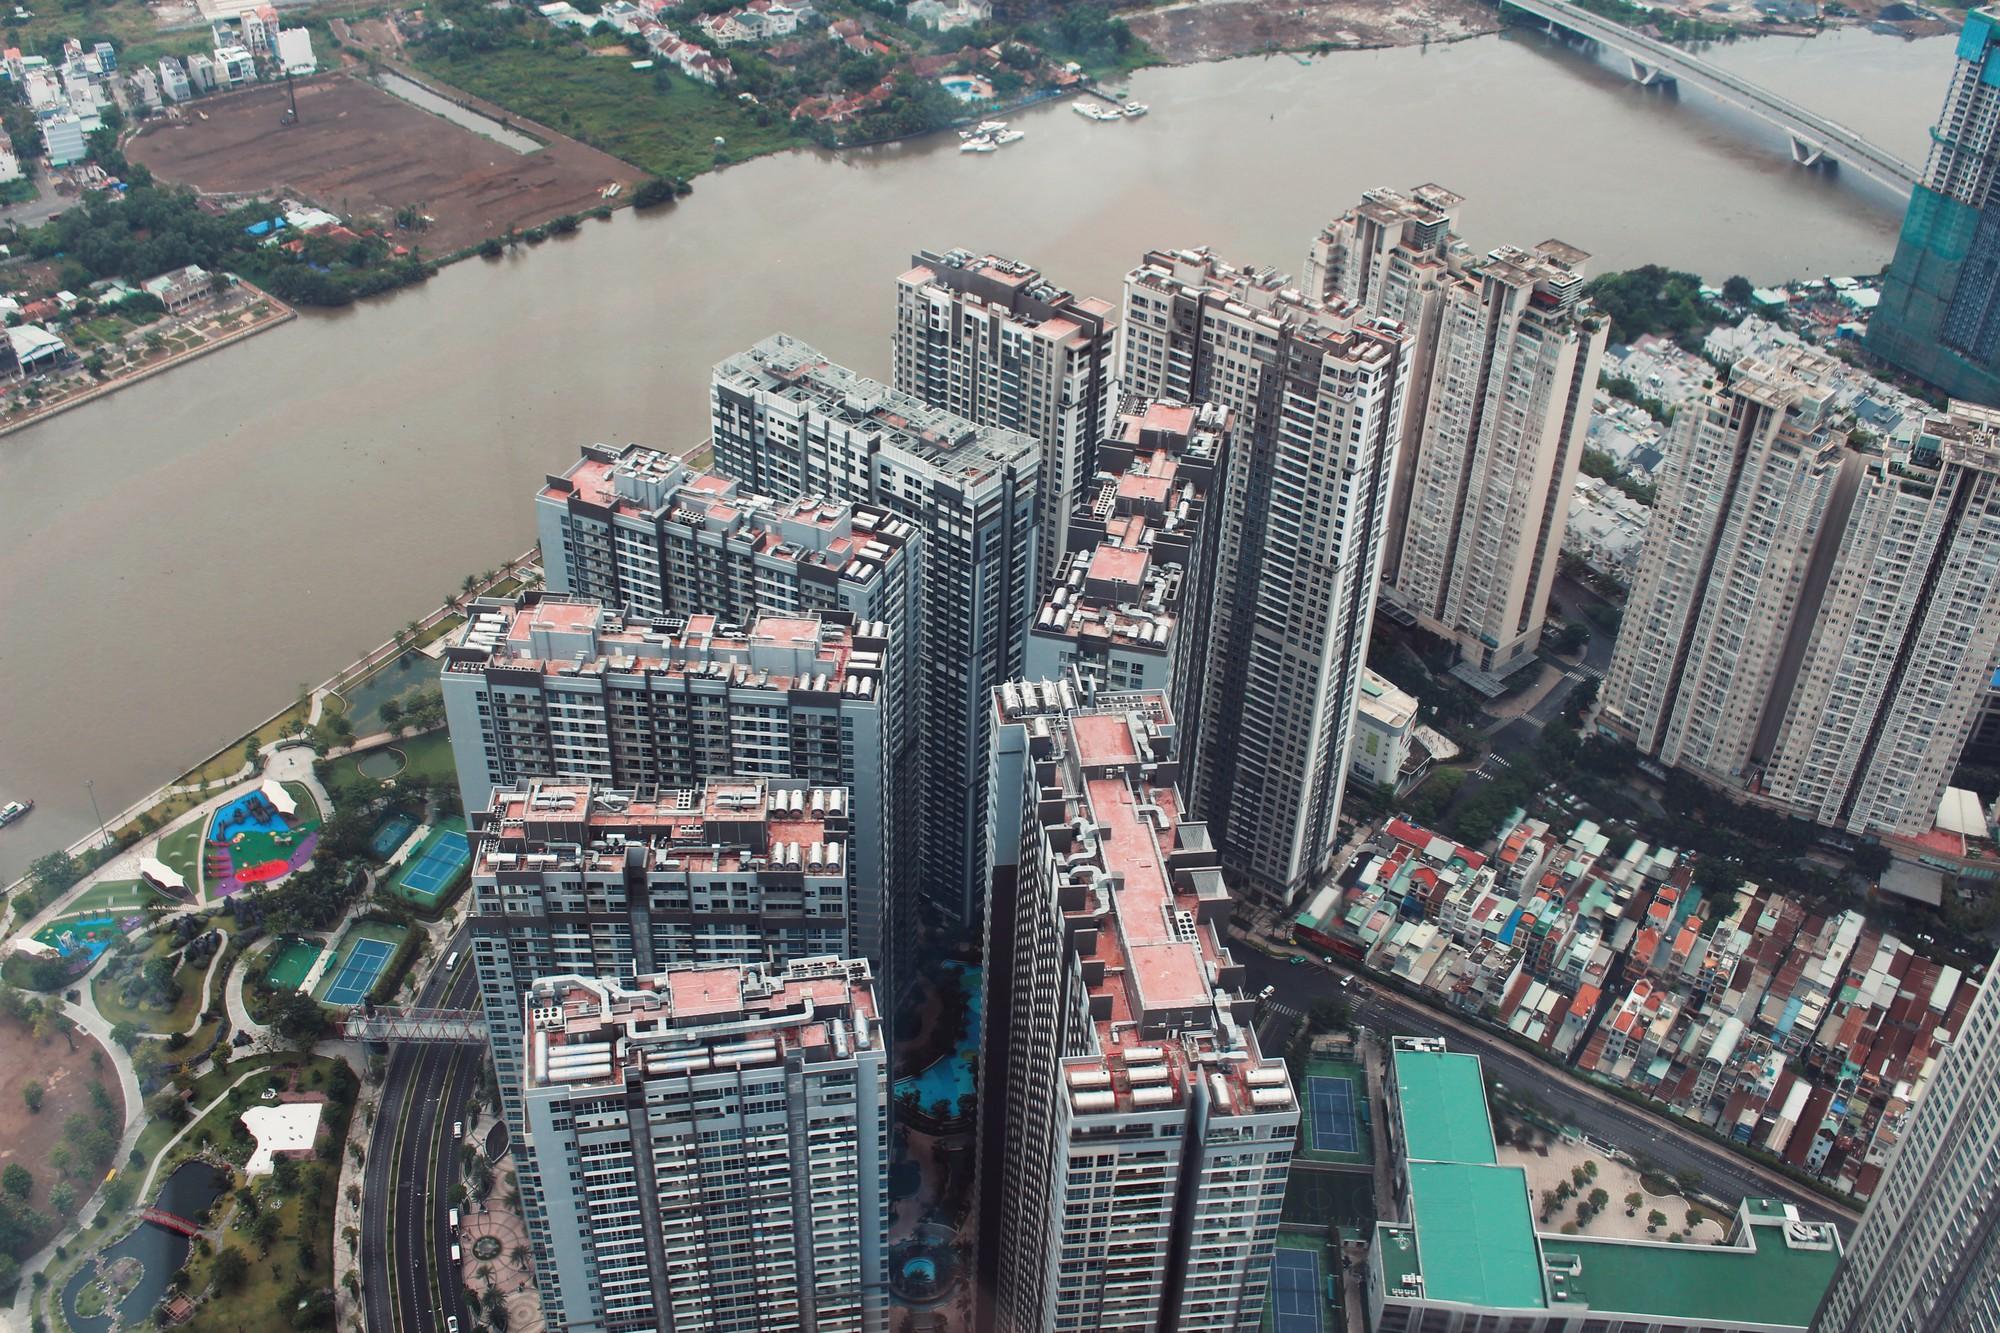 Phó Thủ tướng nói gì về 'rừng bê tông' chung cư cao tầng tranh nhau mọc ở nhiều tuyến đường Hà Nội và TP HCM? - Ảnh 1.